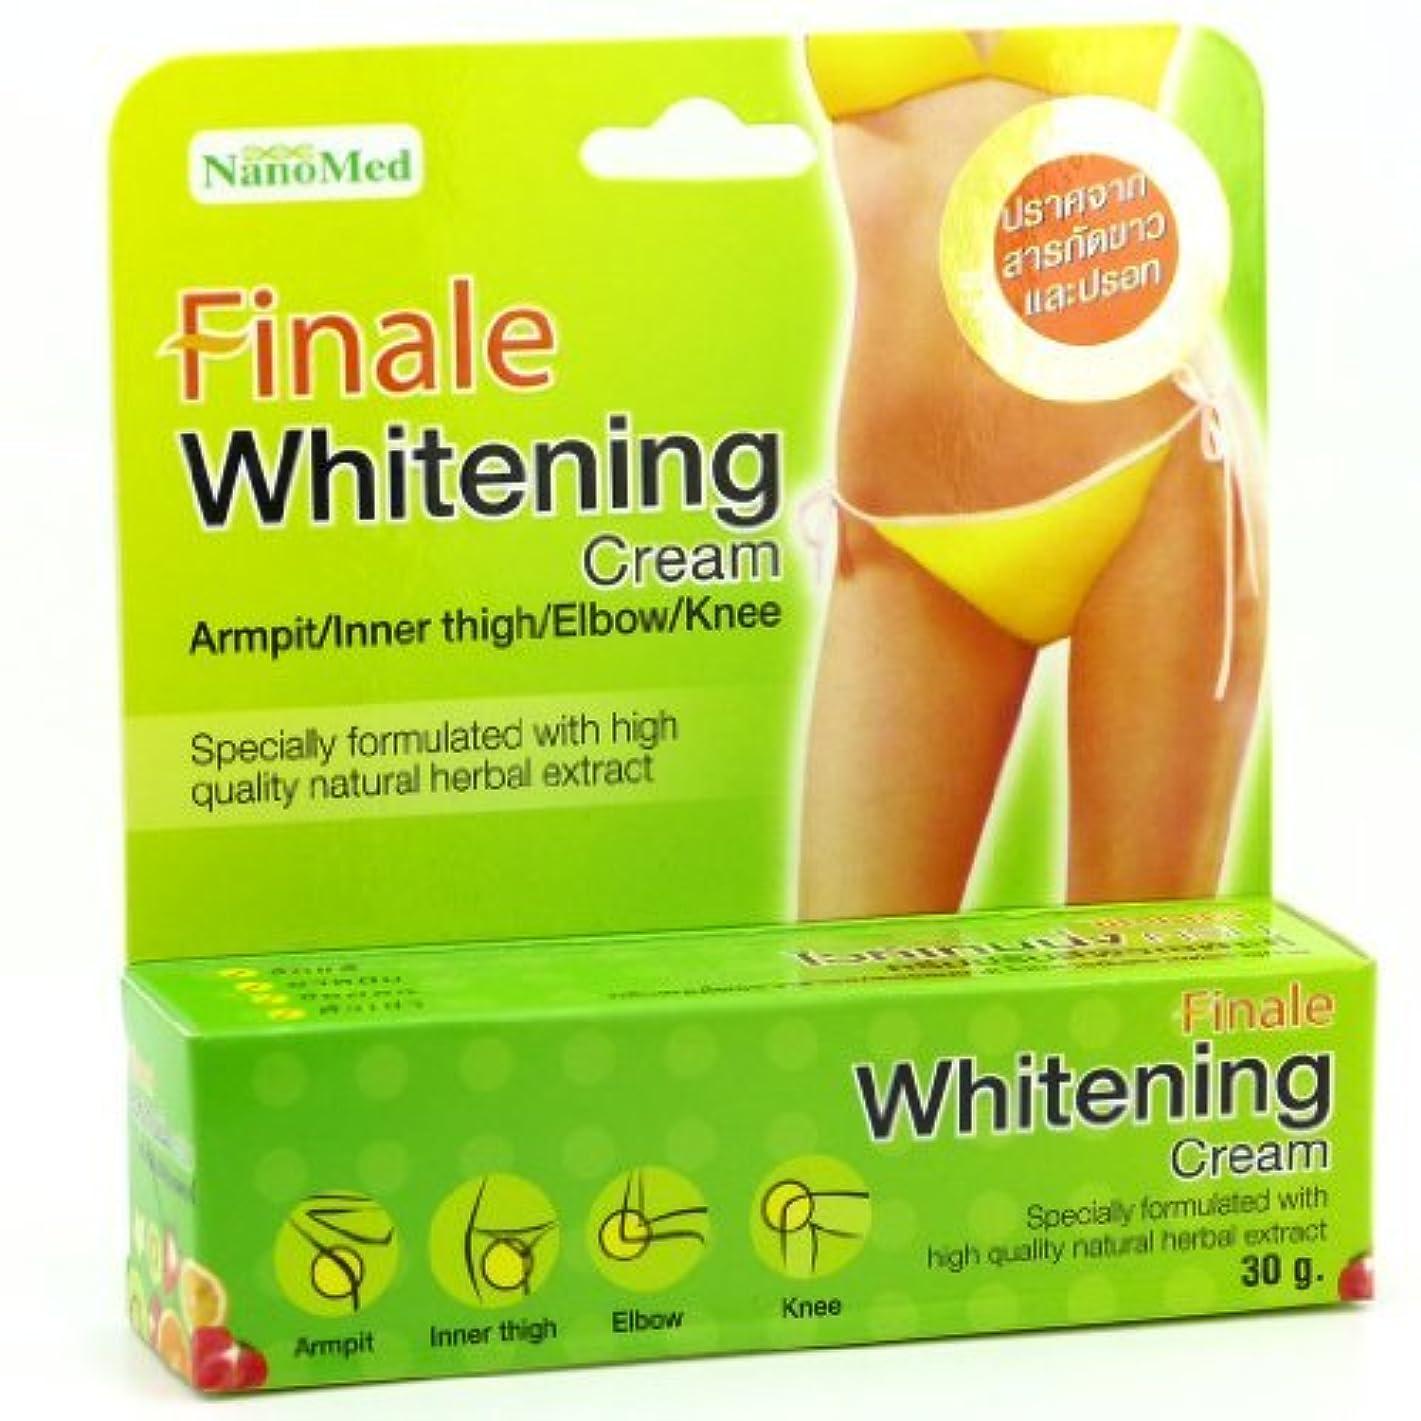 かき混ぜるくびれた現金?????????????????? Finale Whitening Cream 30g